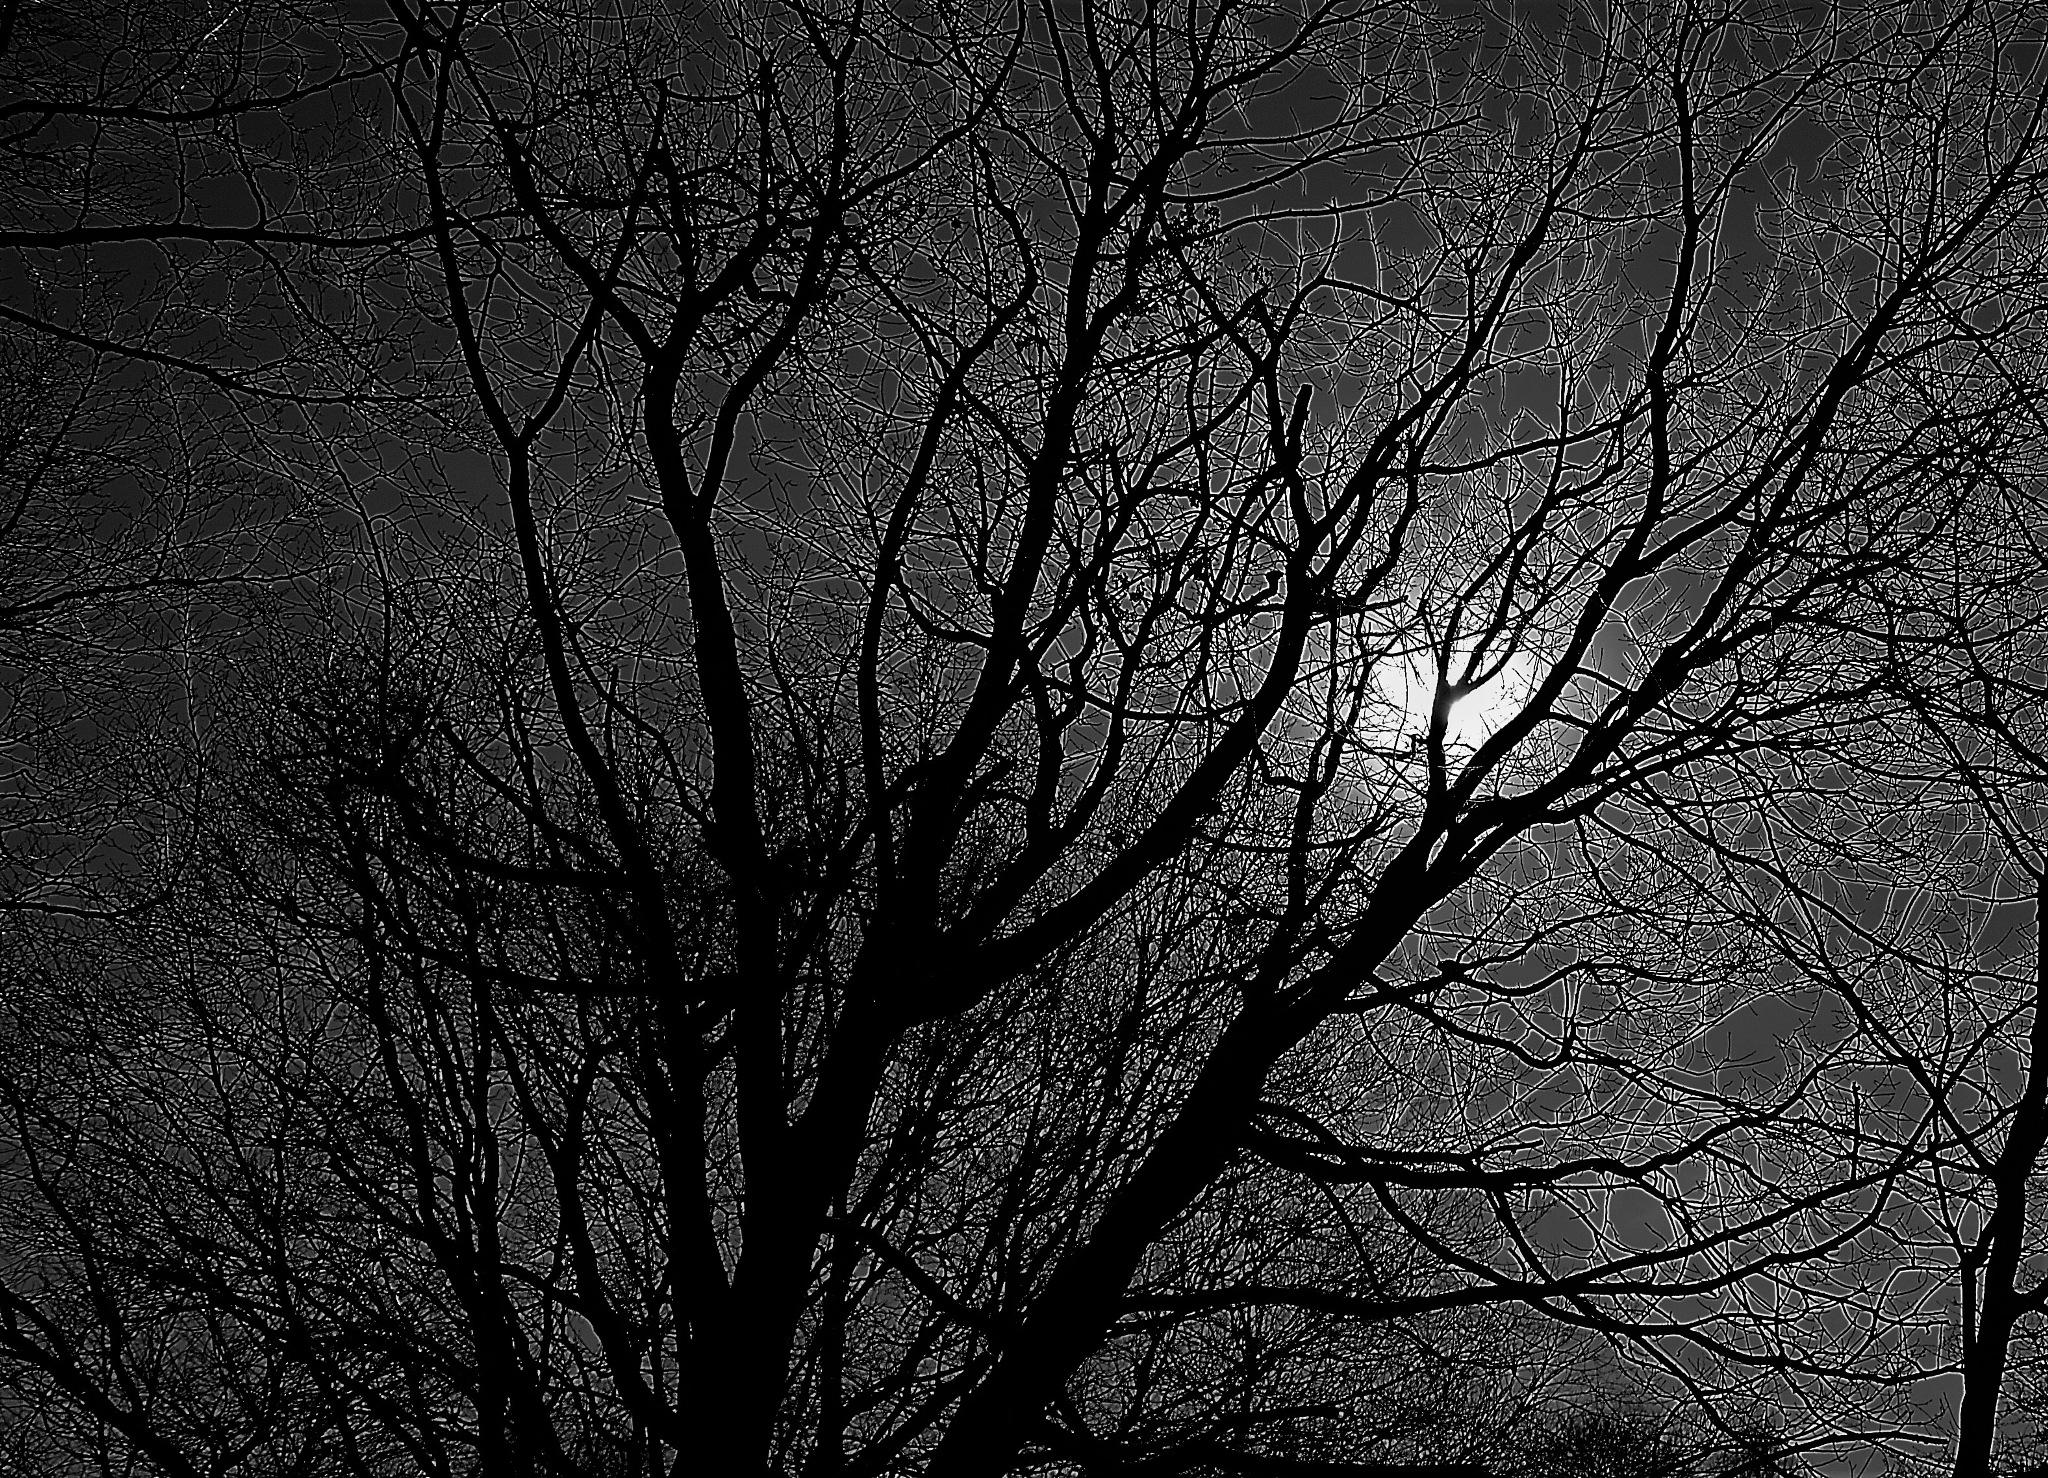 tree by CROCK69